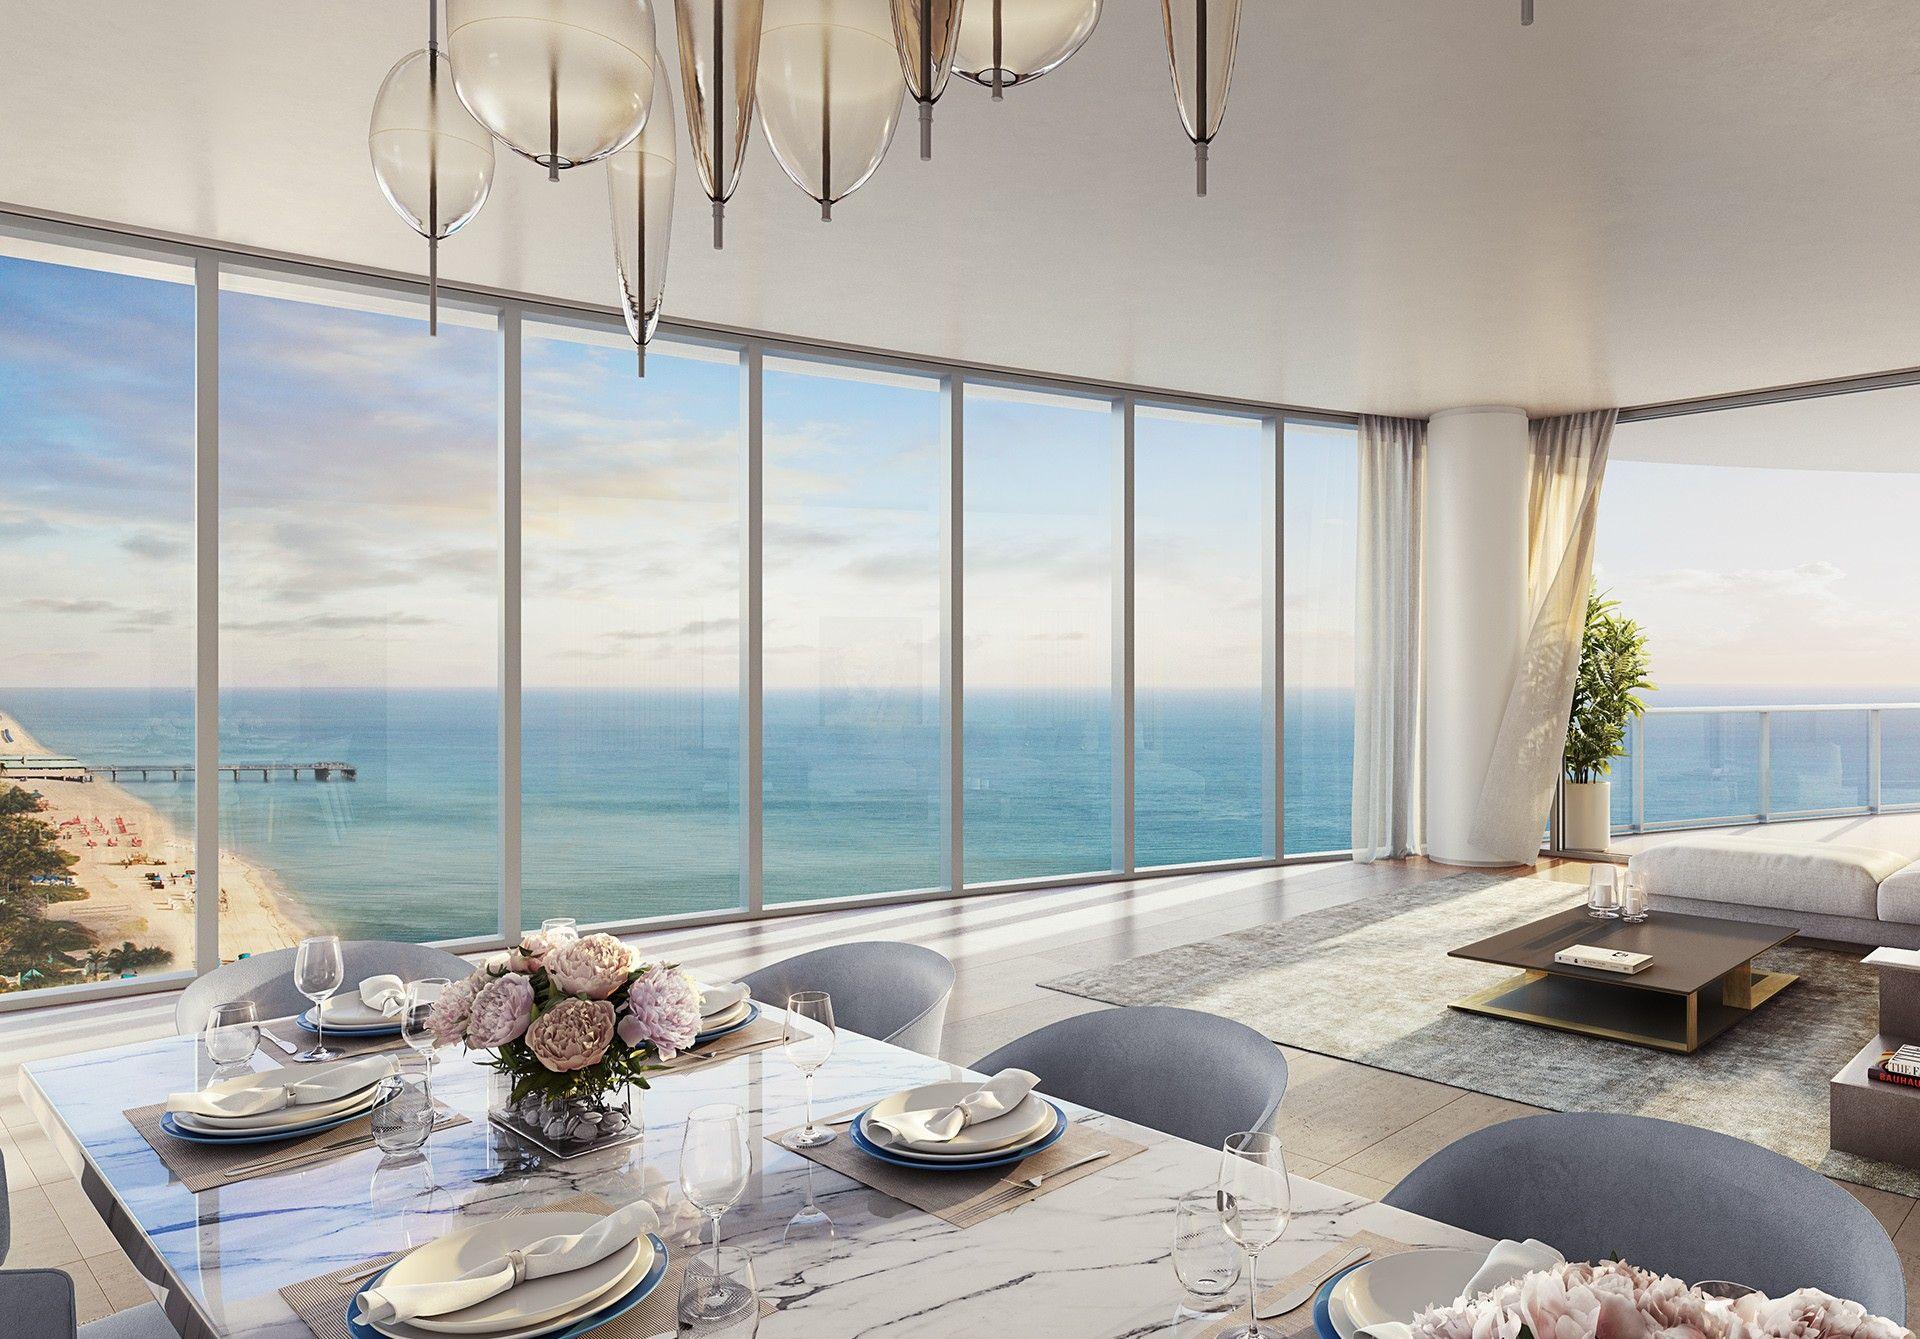 海滨迈阿密海滩住宅出售  丽思卡尔顿酒店  阳光岛海滩   Miami condo decor, Luxury beach house, Beach  house interior